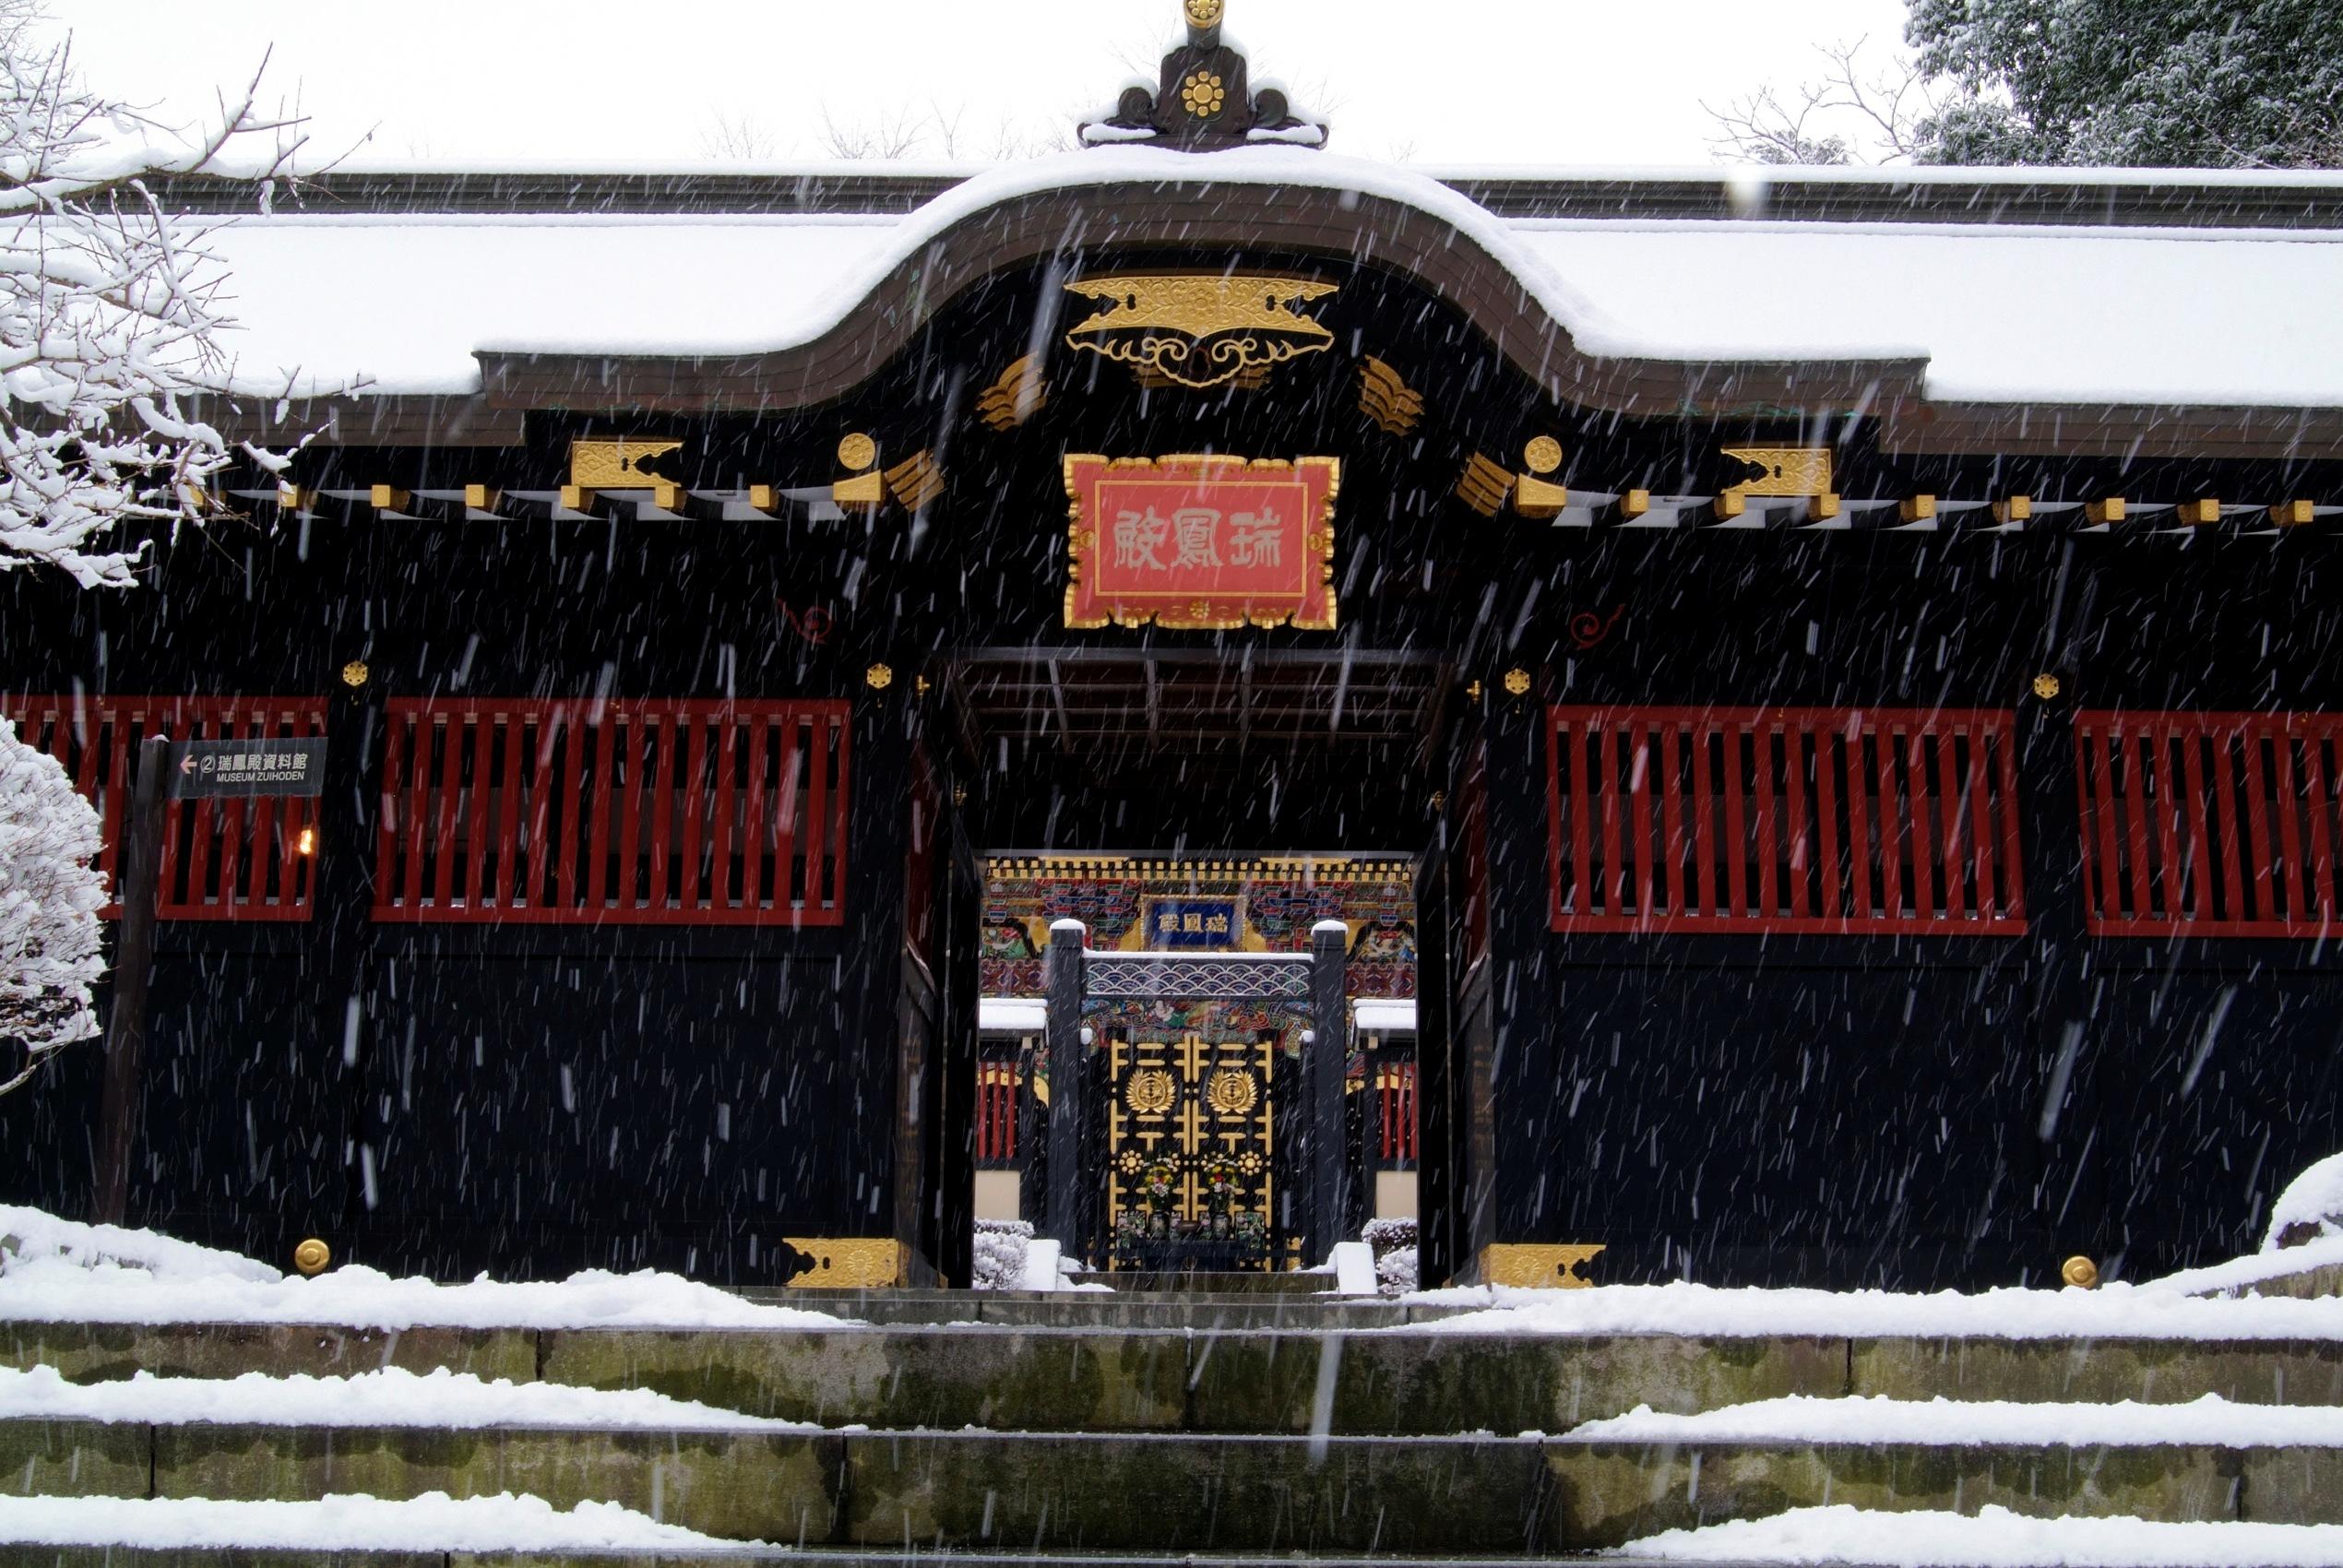 宮城、仙台 Senda, Miyagi 瑞鳳殿